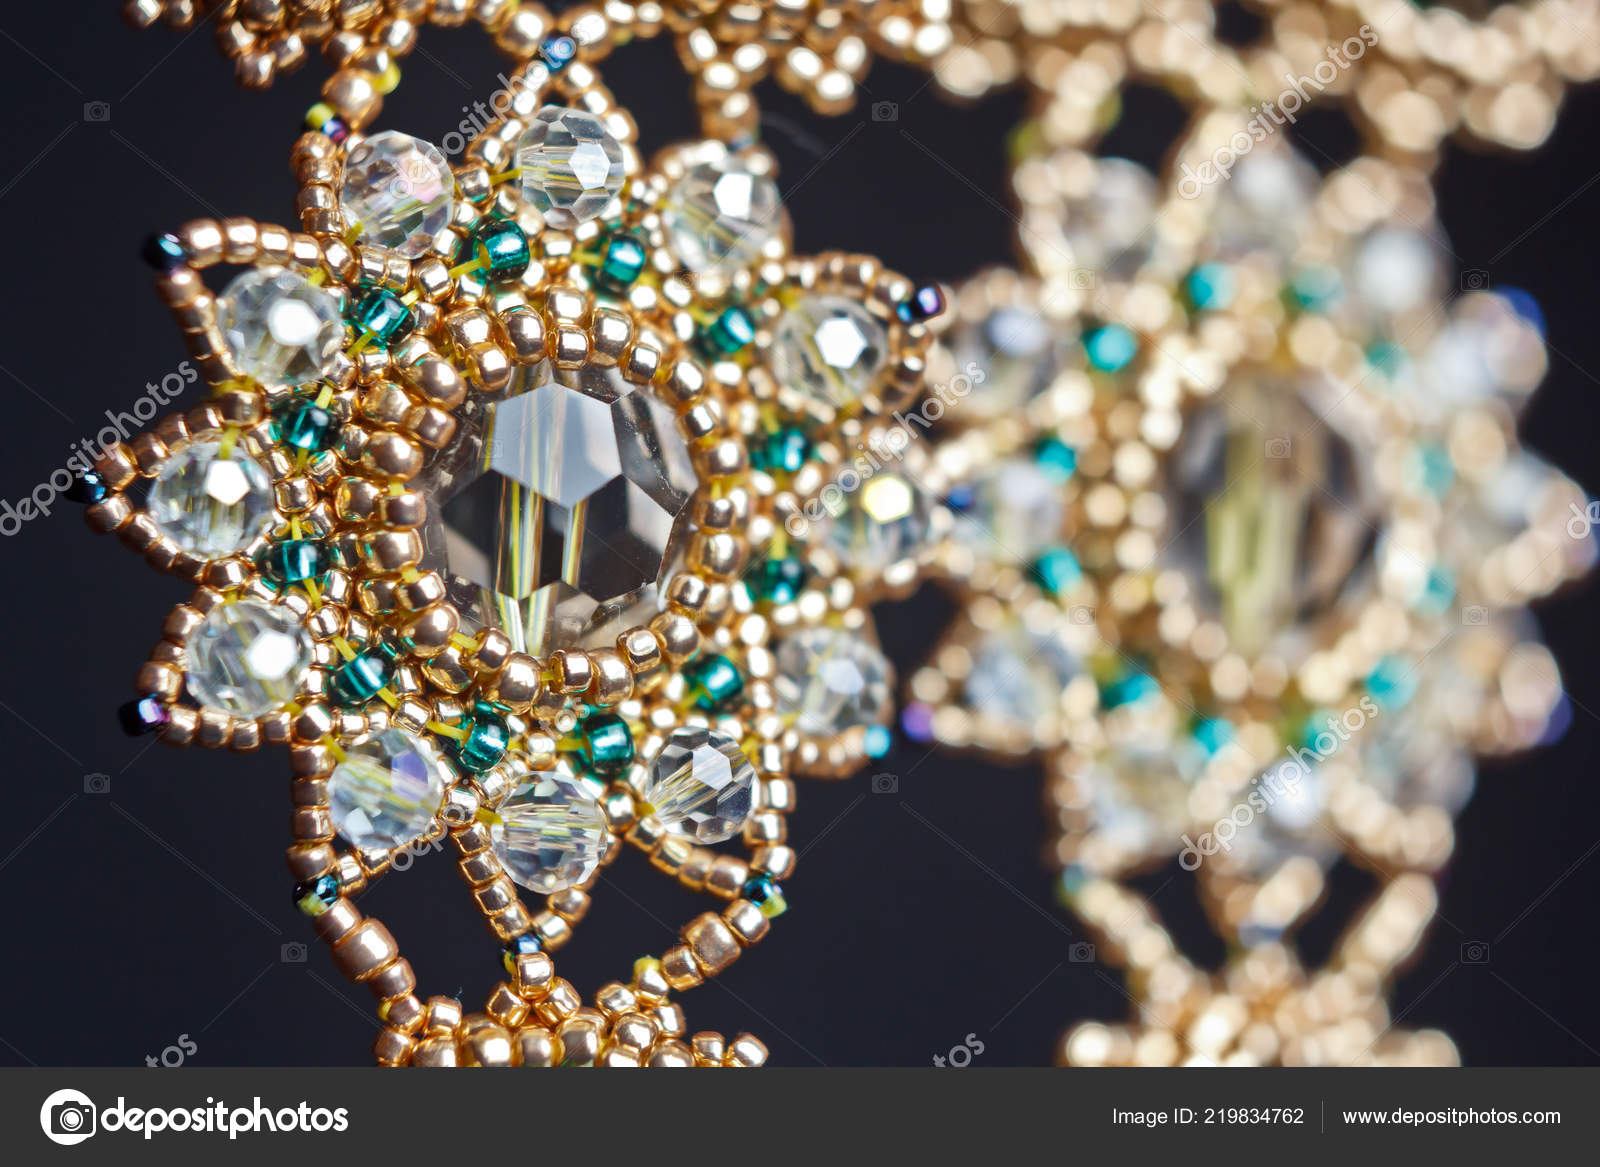 Χειροποίητα Κοσμήματα Χάντρες Στη Μακροεντολή Σκουλαρίκια Από Λευκές  Χάντρες Σκουλαρίκια — Φωτογραφία Αρχείου a4172222eee